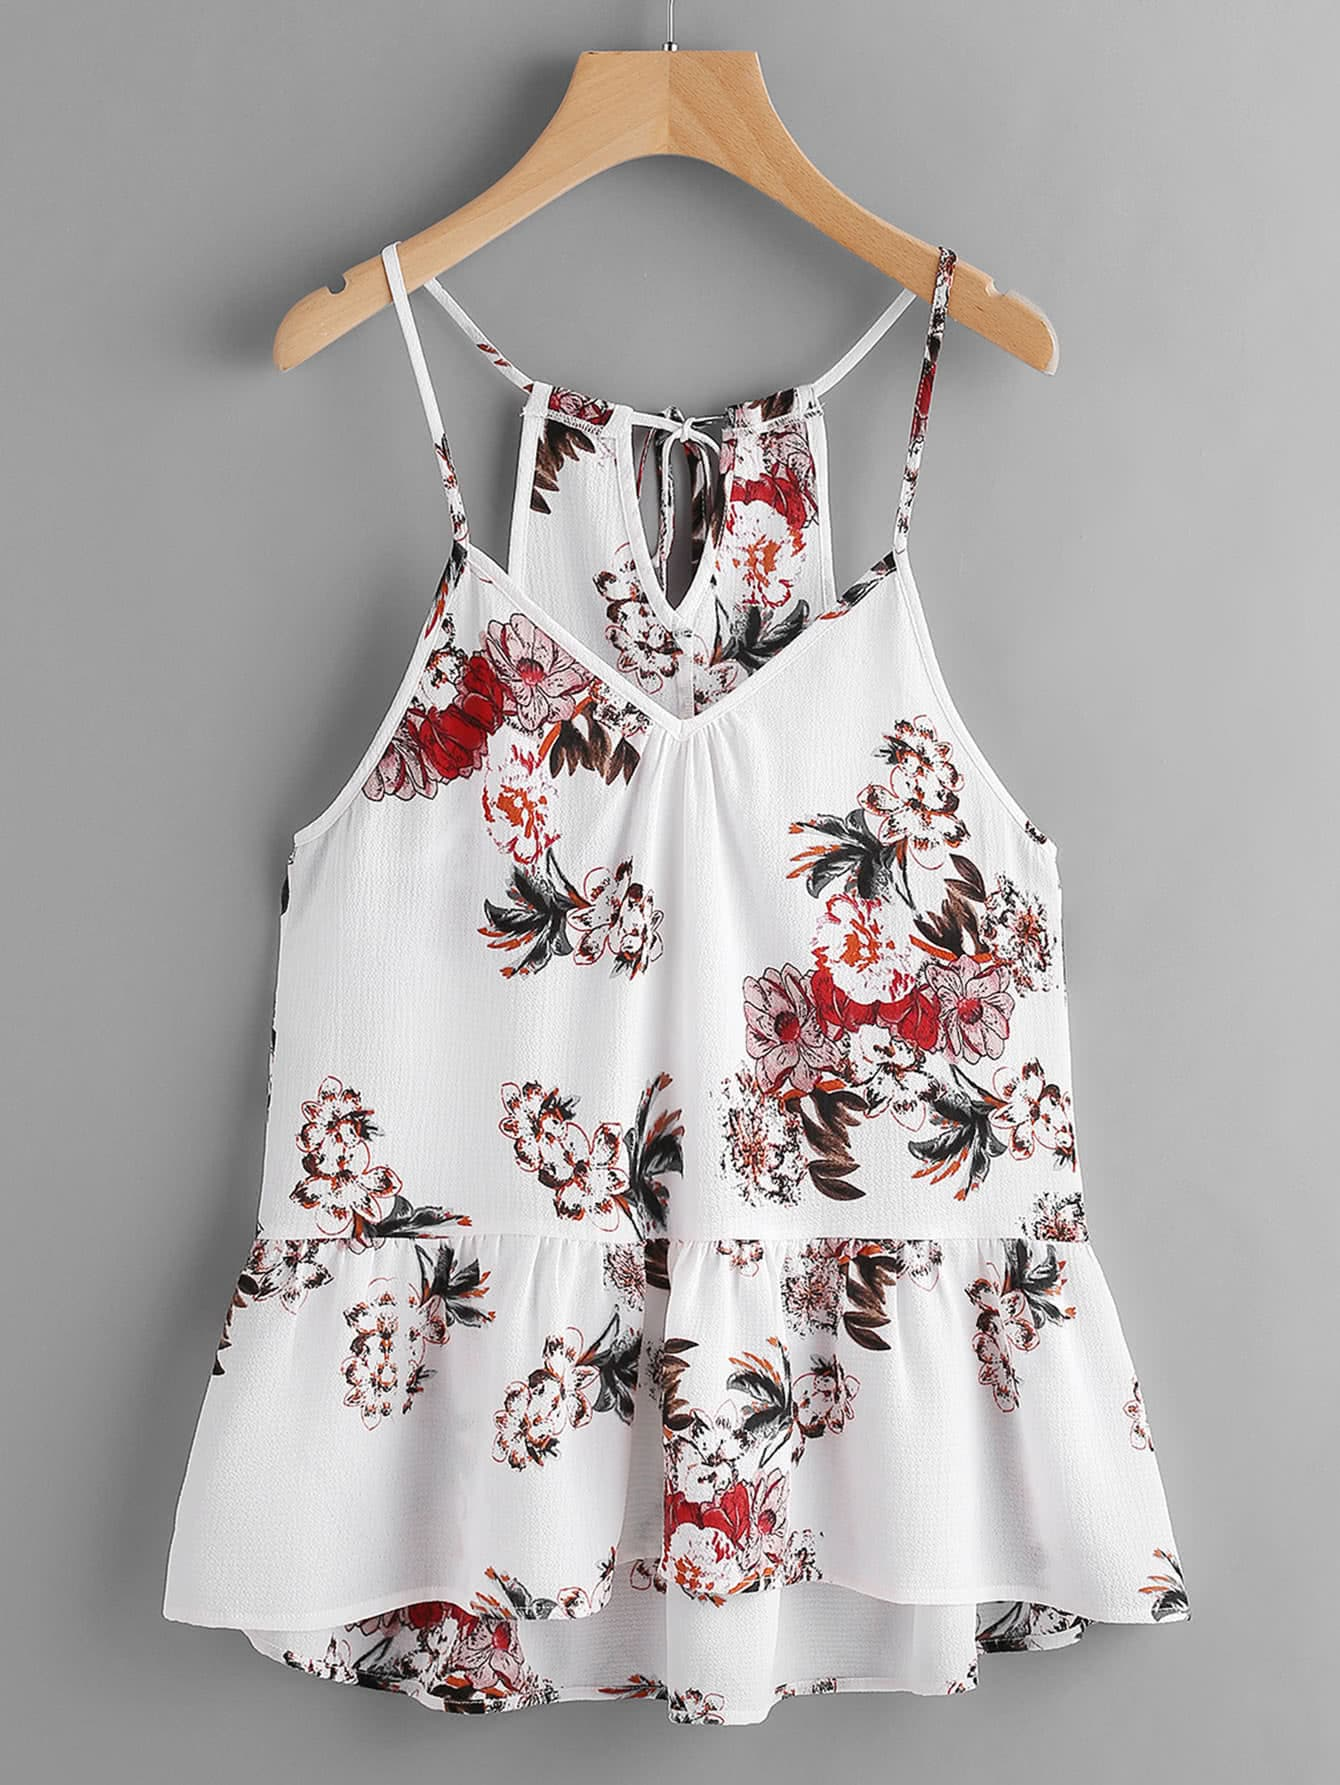 Купить Модный топ на бретельках с бантом и цветочным принтом, null, SheIn